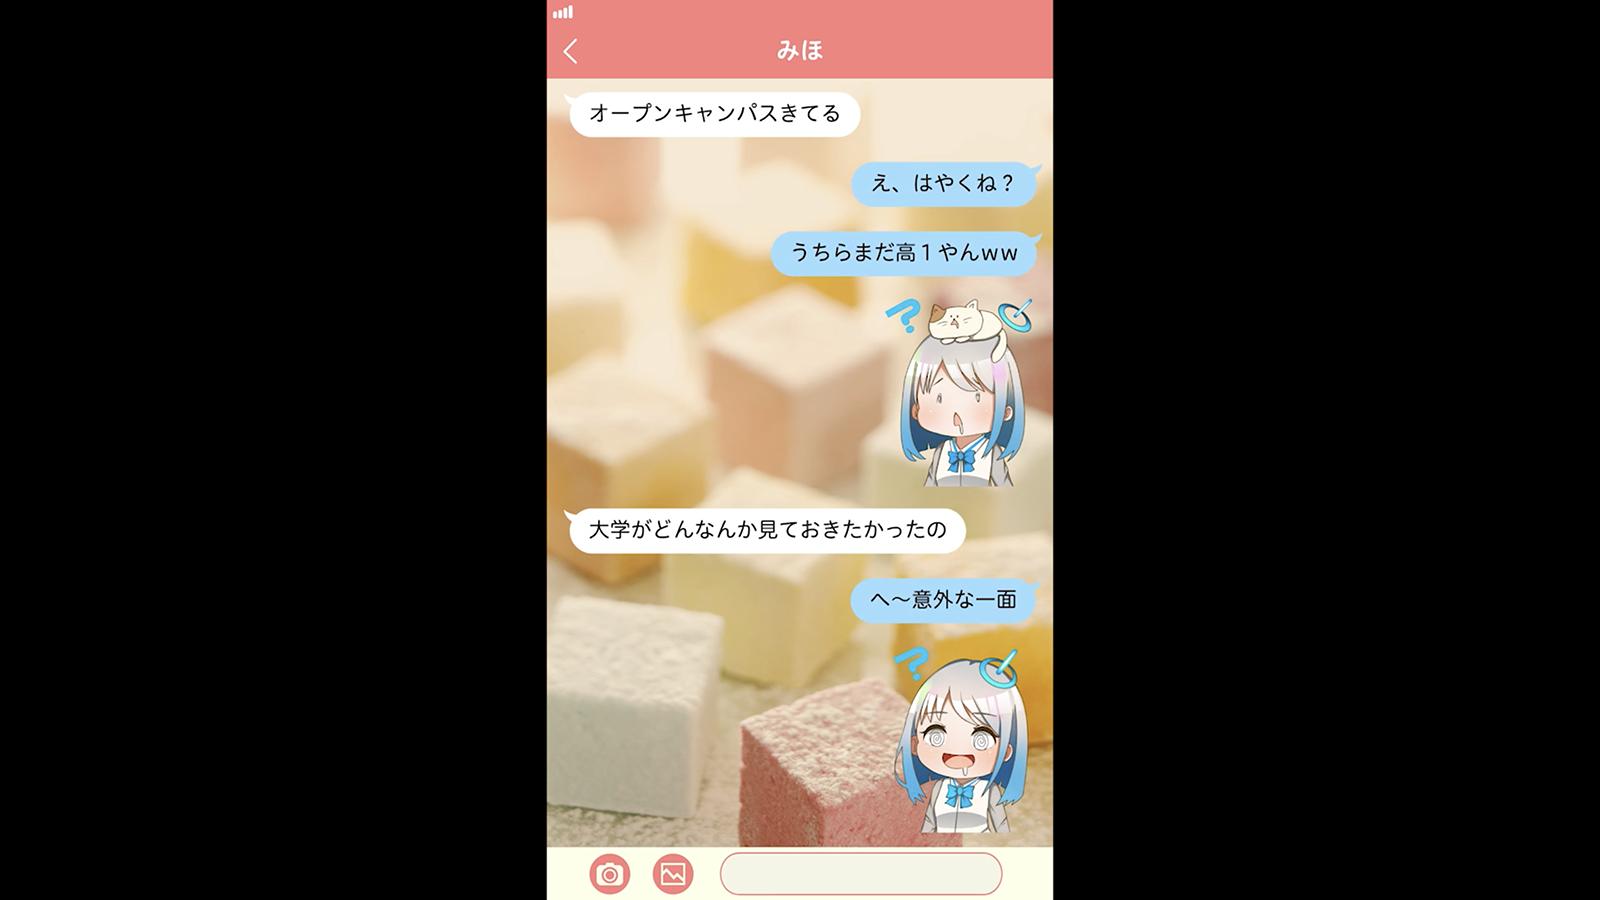 「コミュニケーションアプリ会話」篇